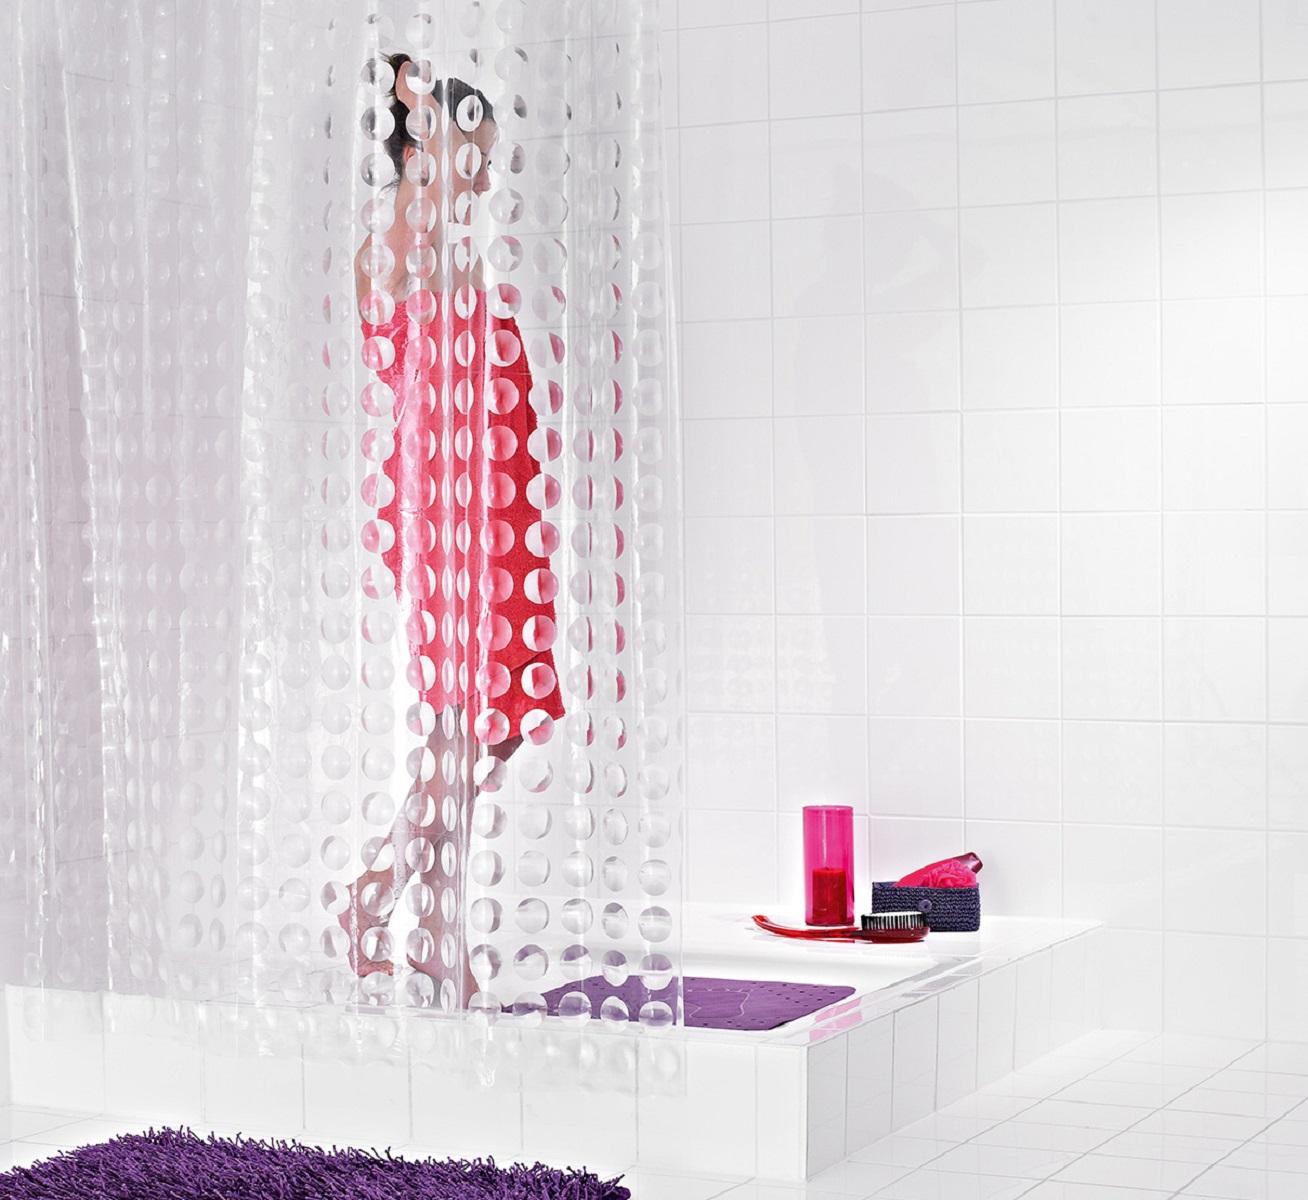 Штора для ванной комнаты Ridder Loupe, 180 х 200 см35897Оригинальная шторка Ridder Loupe создастпрекрасное настроение в ванной комнате. Она выполнена извысококачественного материала и не имеет запаха.